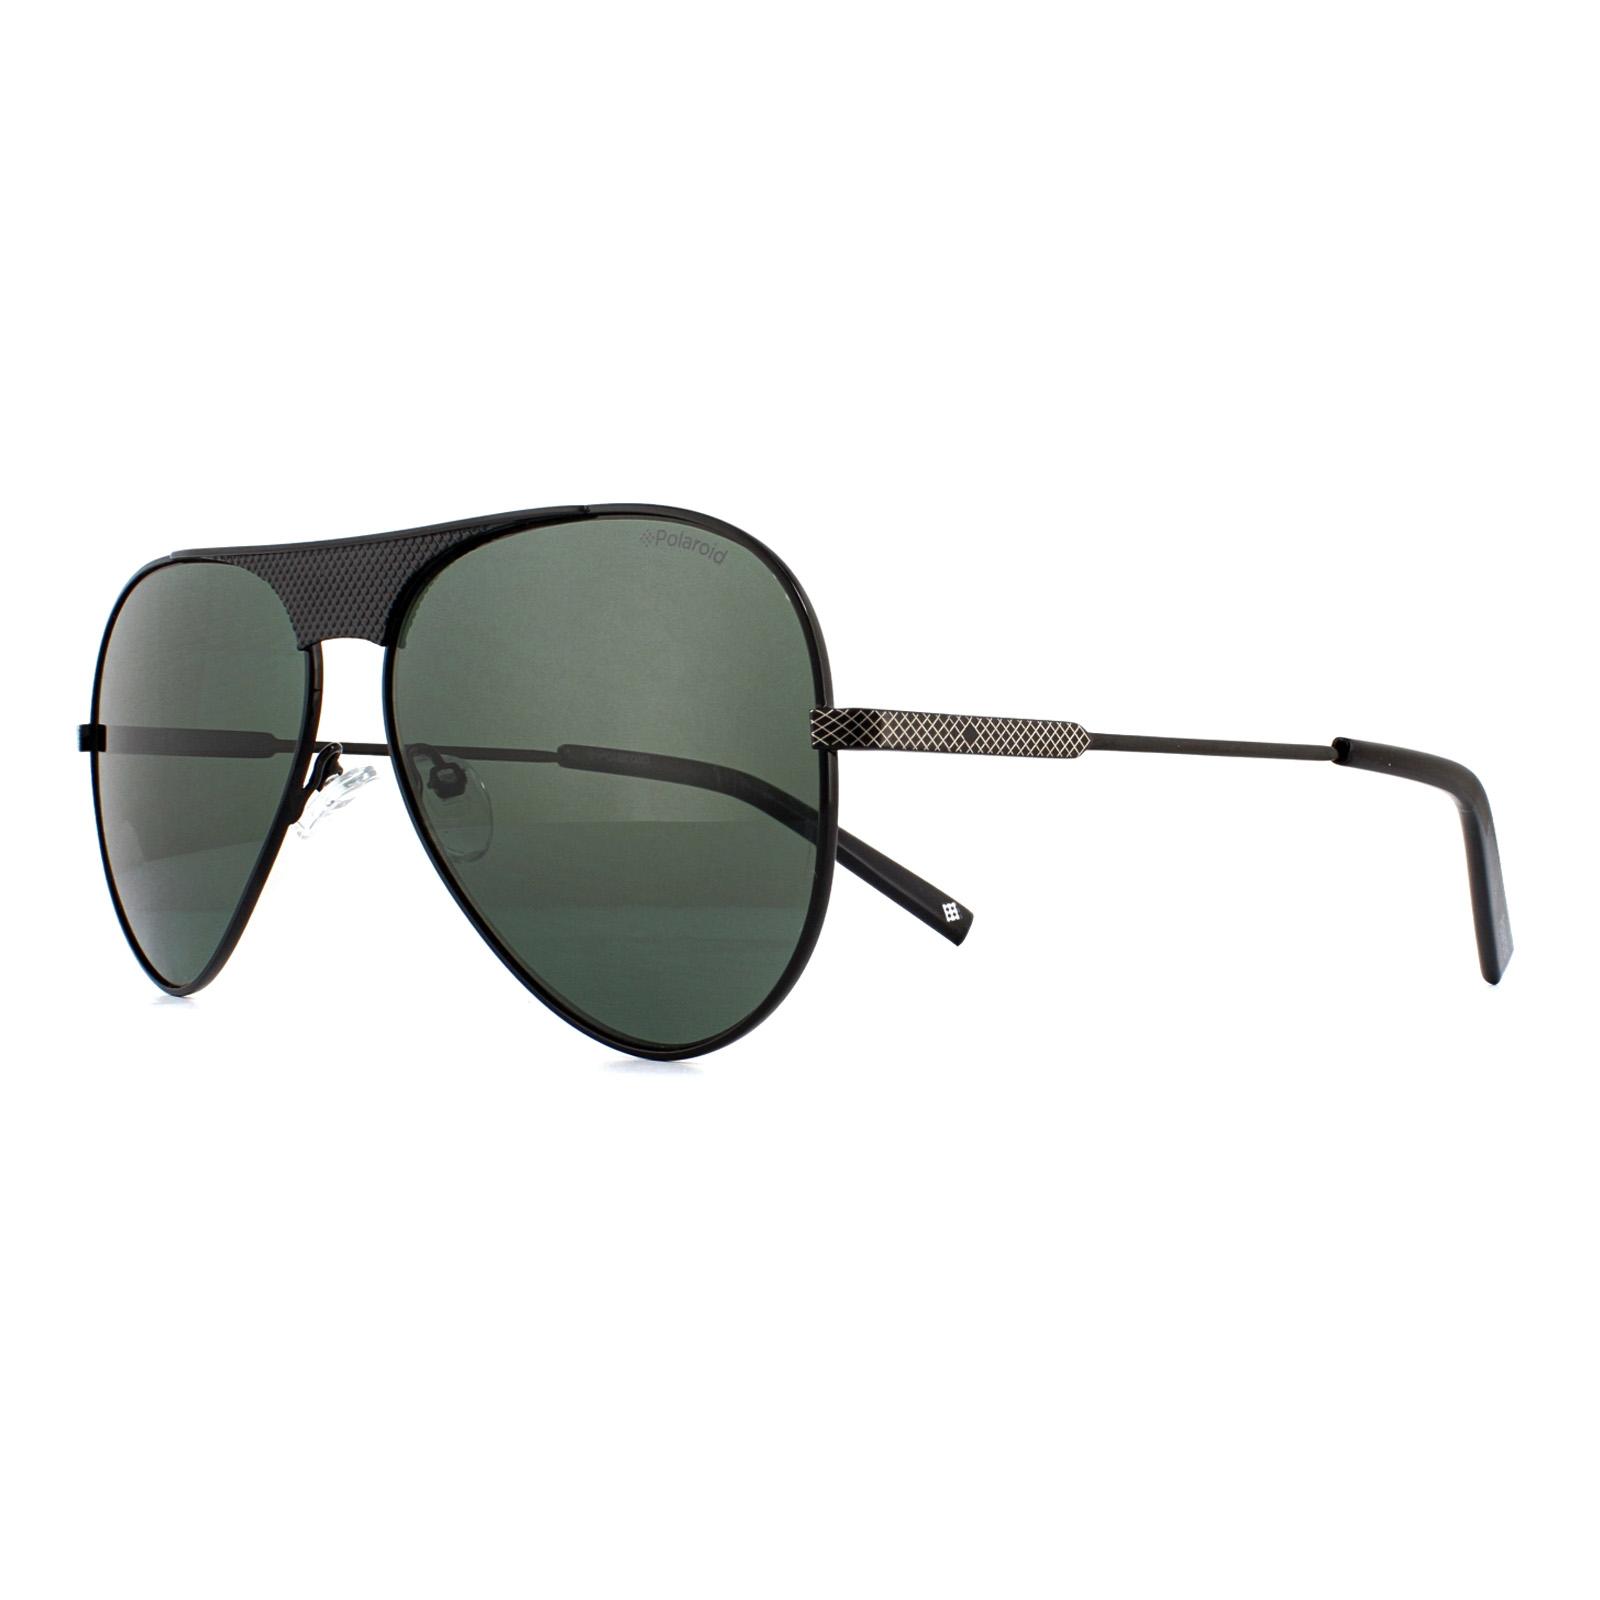 f1f614aa490 Sentinel Polaroid Sunglasses PLD 2067 S X 807 UC Black Green Polarized